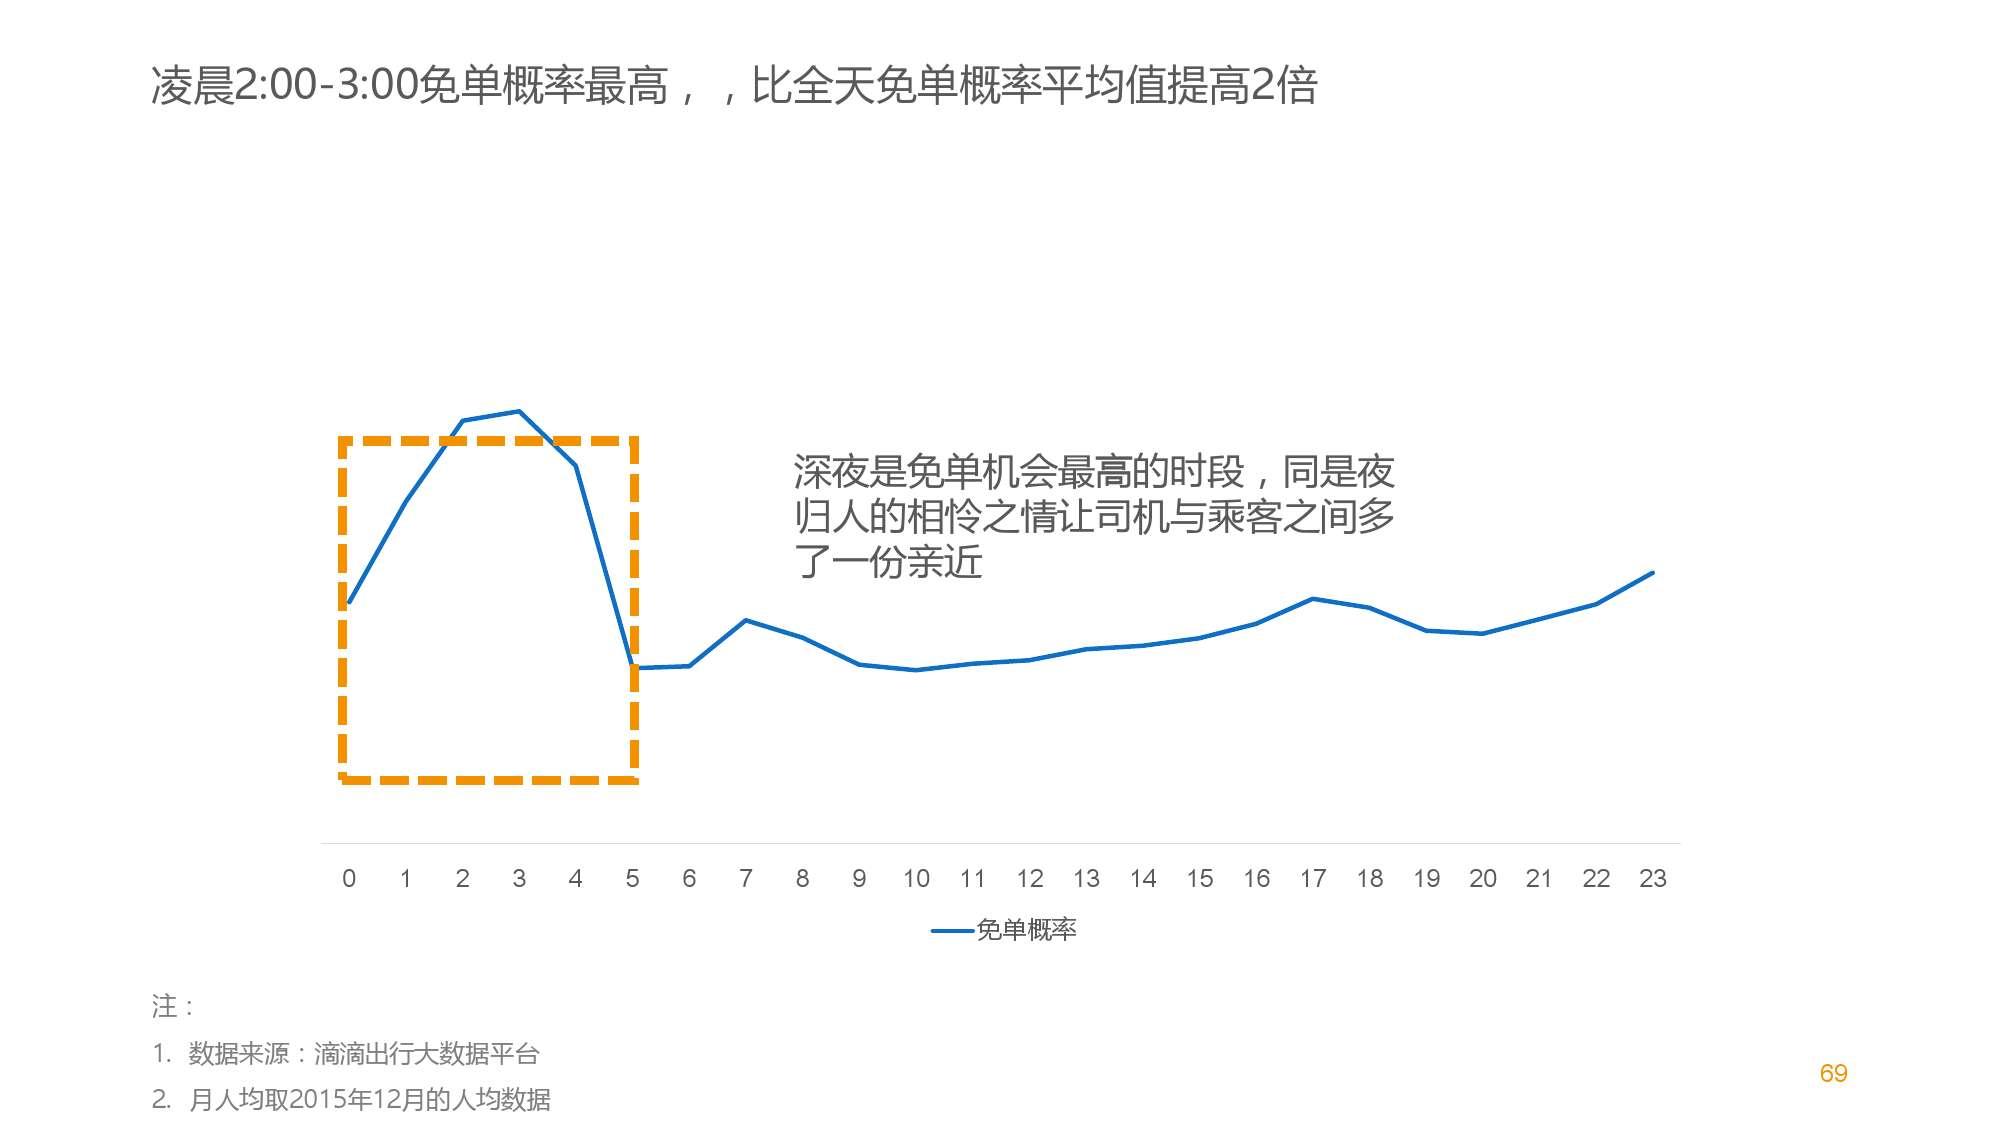 中国智能出行2015大数据报告_000070